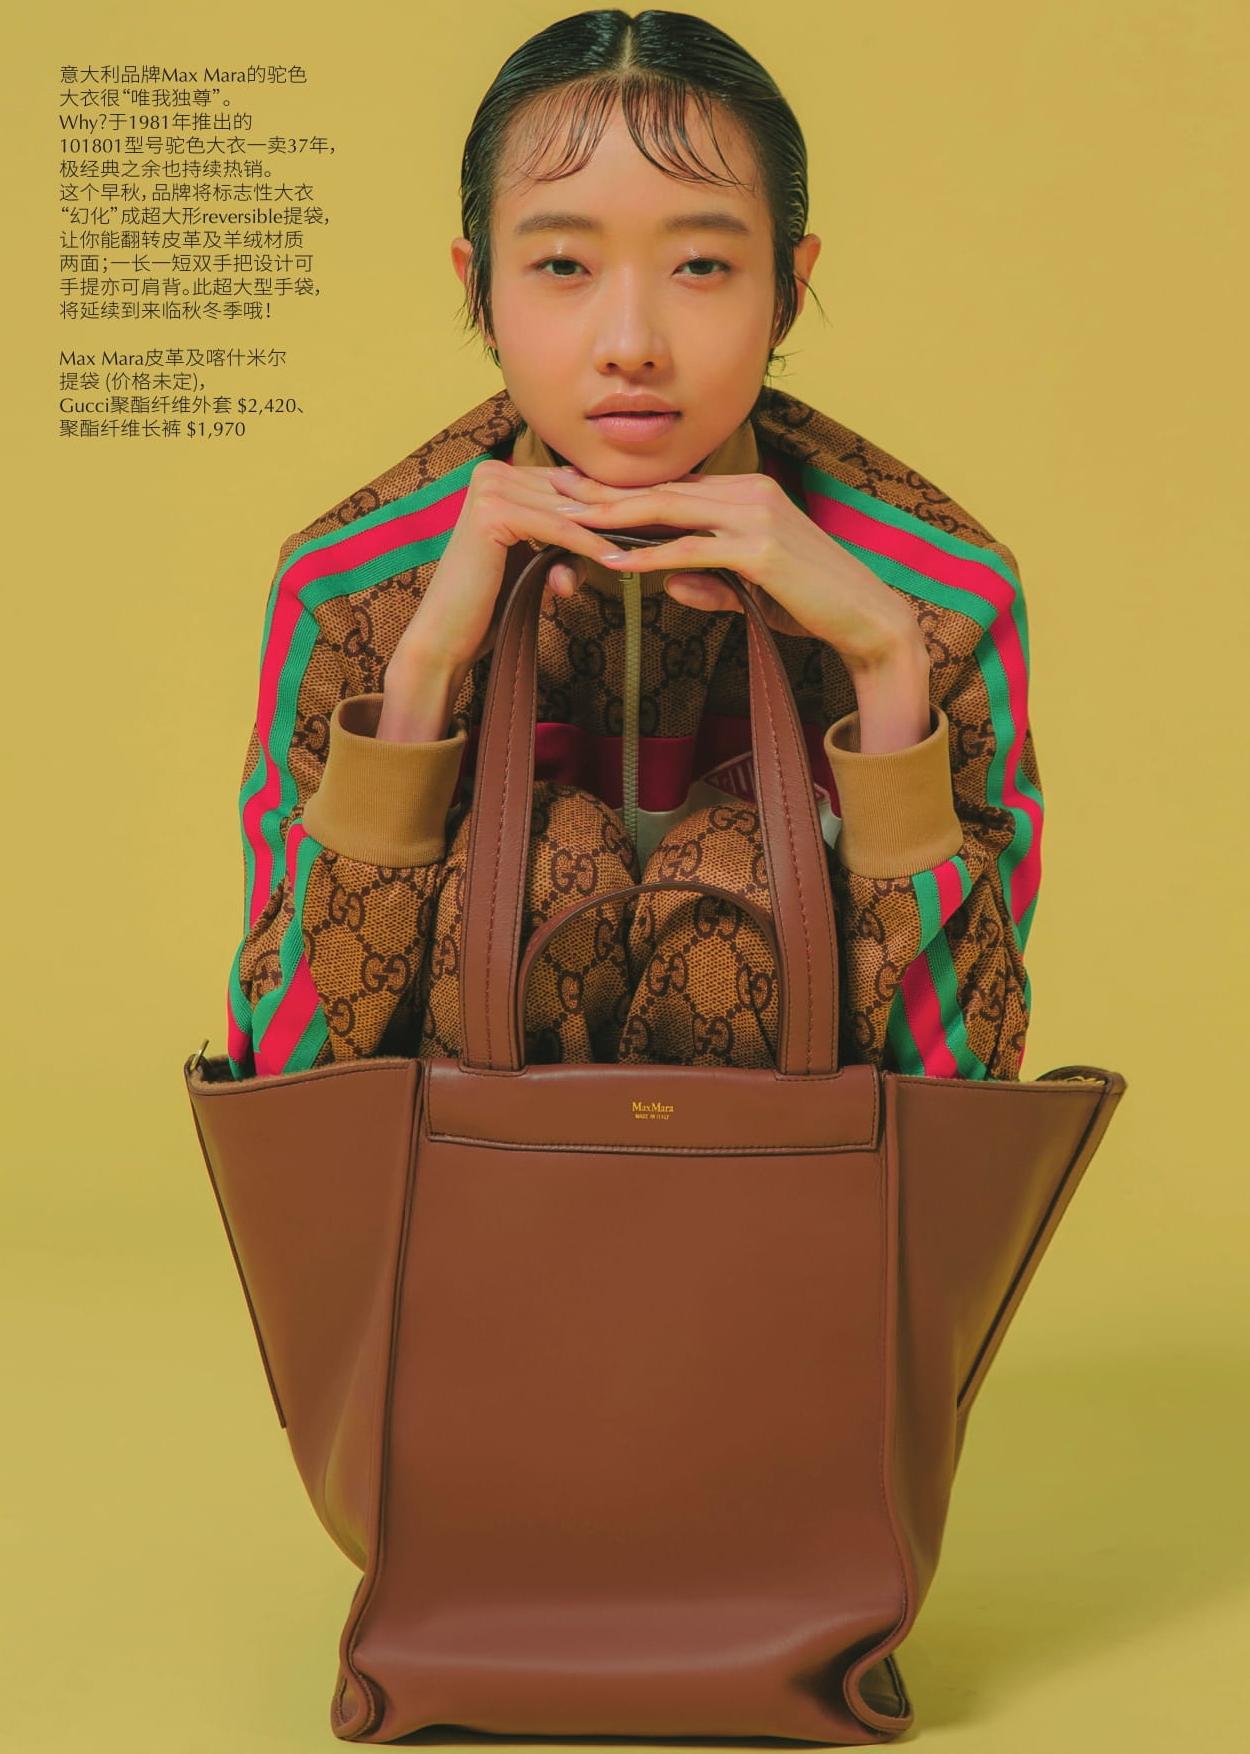 044 Fashion Spread BigSmall Bags4-1.jpg